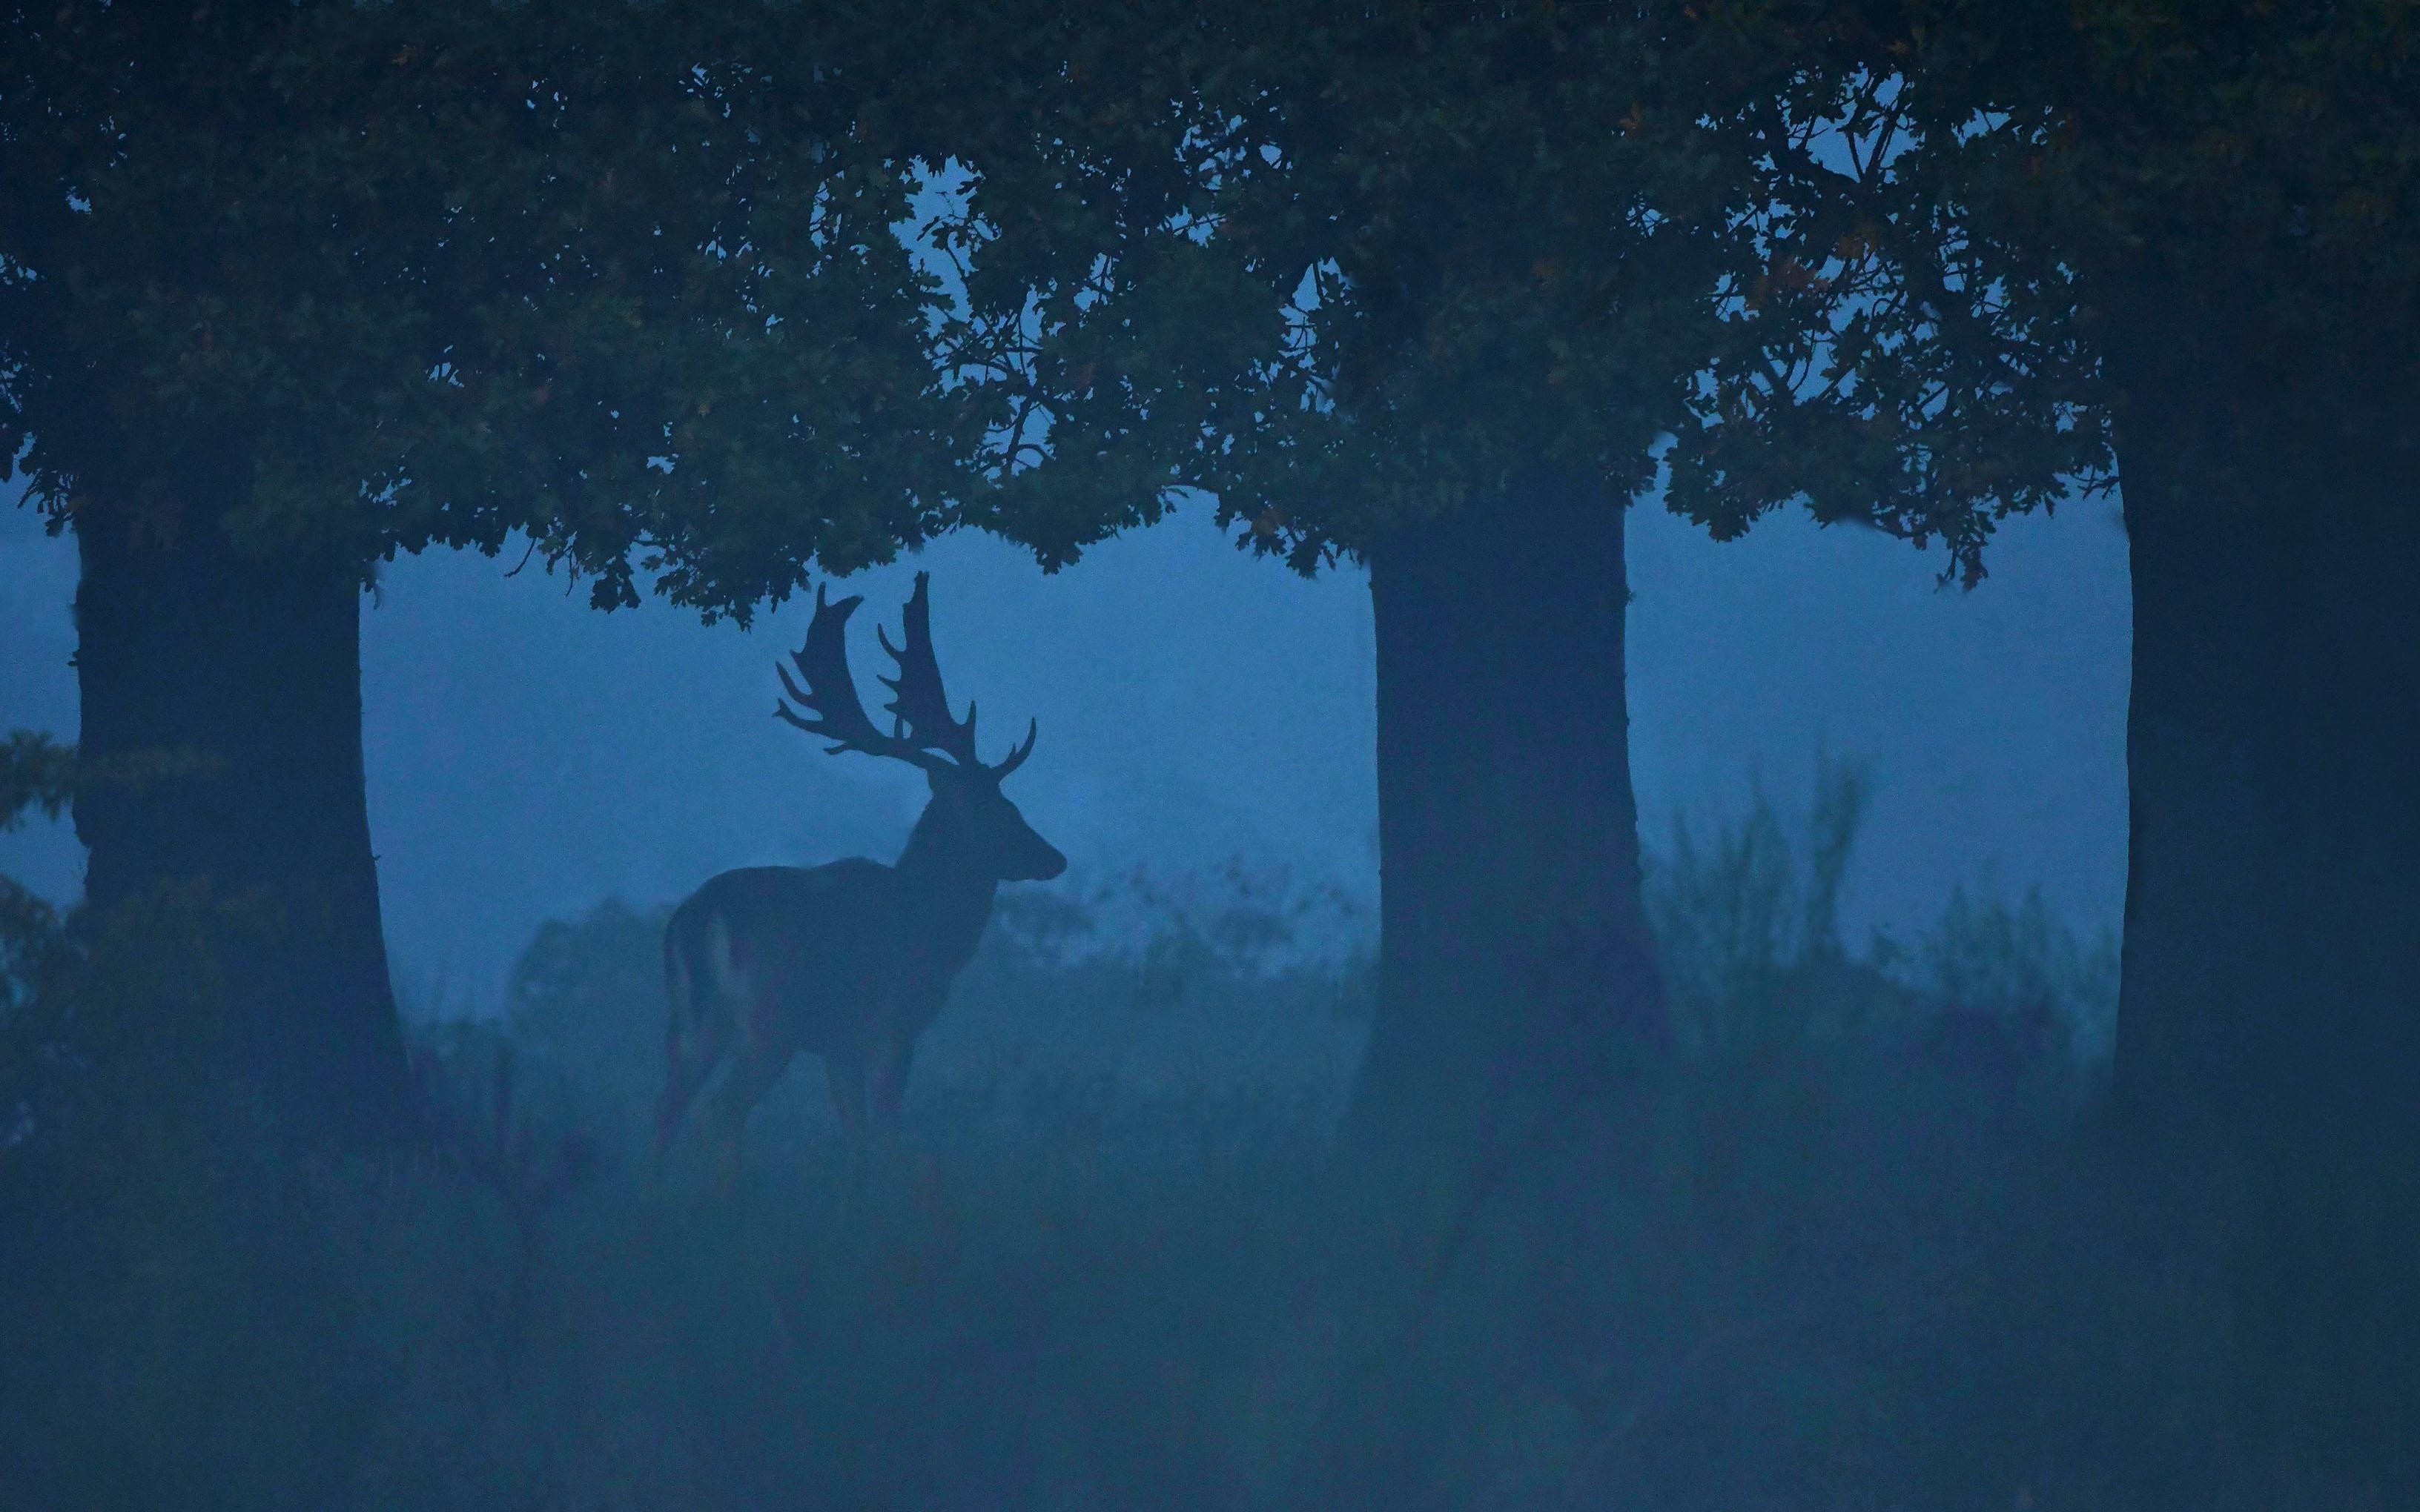 De dambok is niet veel meer dan een silhouet in de laaghangende mist – Foto: ©Louis Fraanje